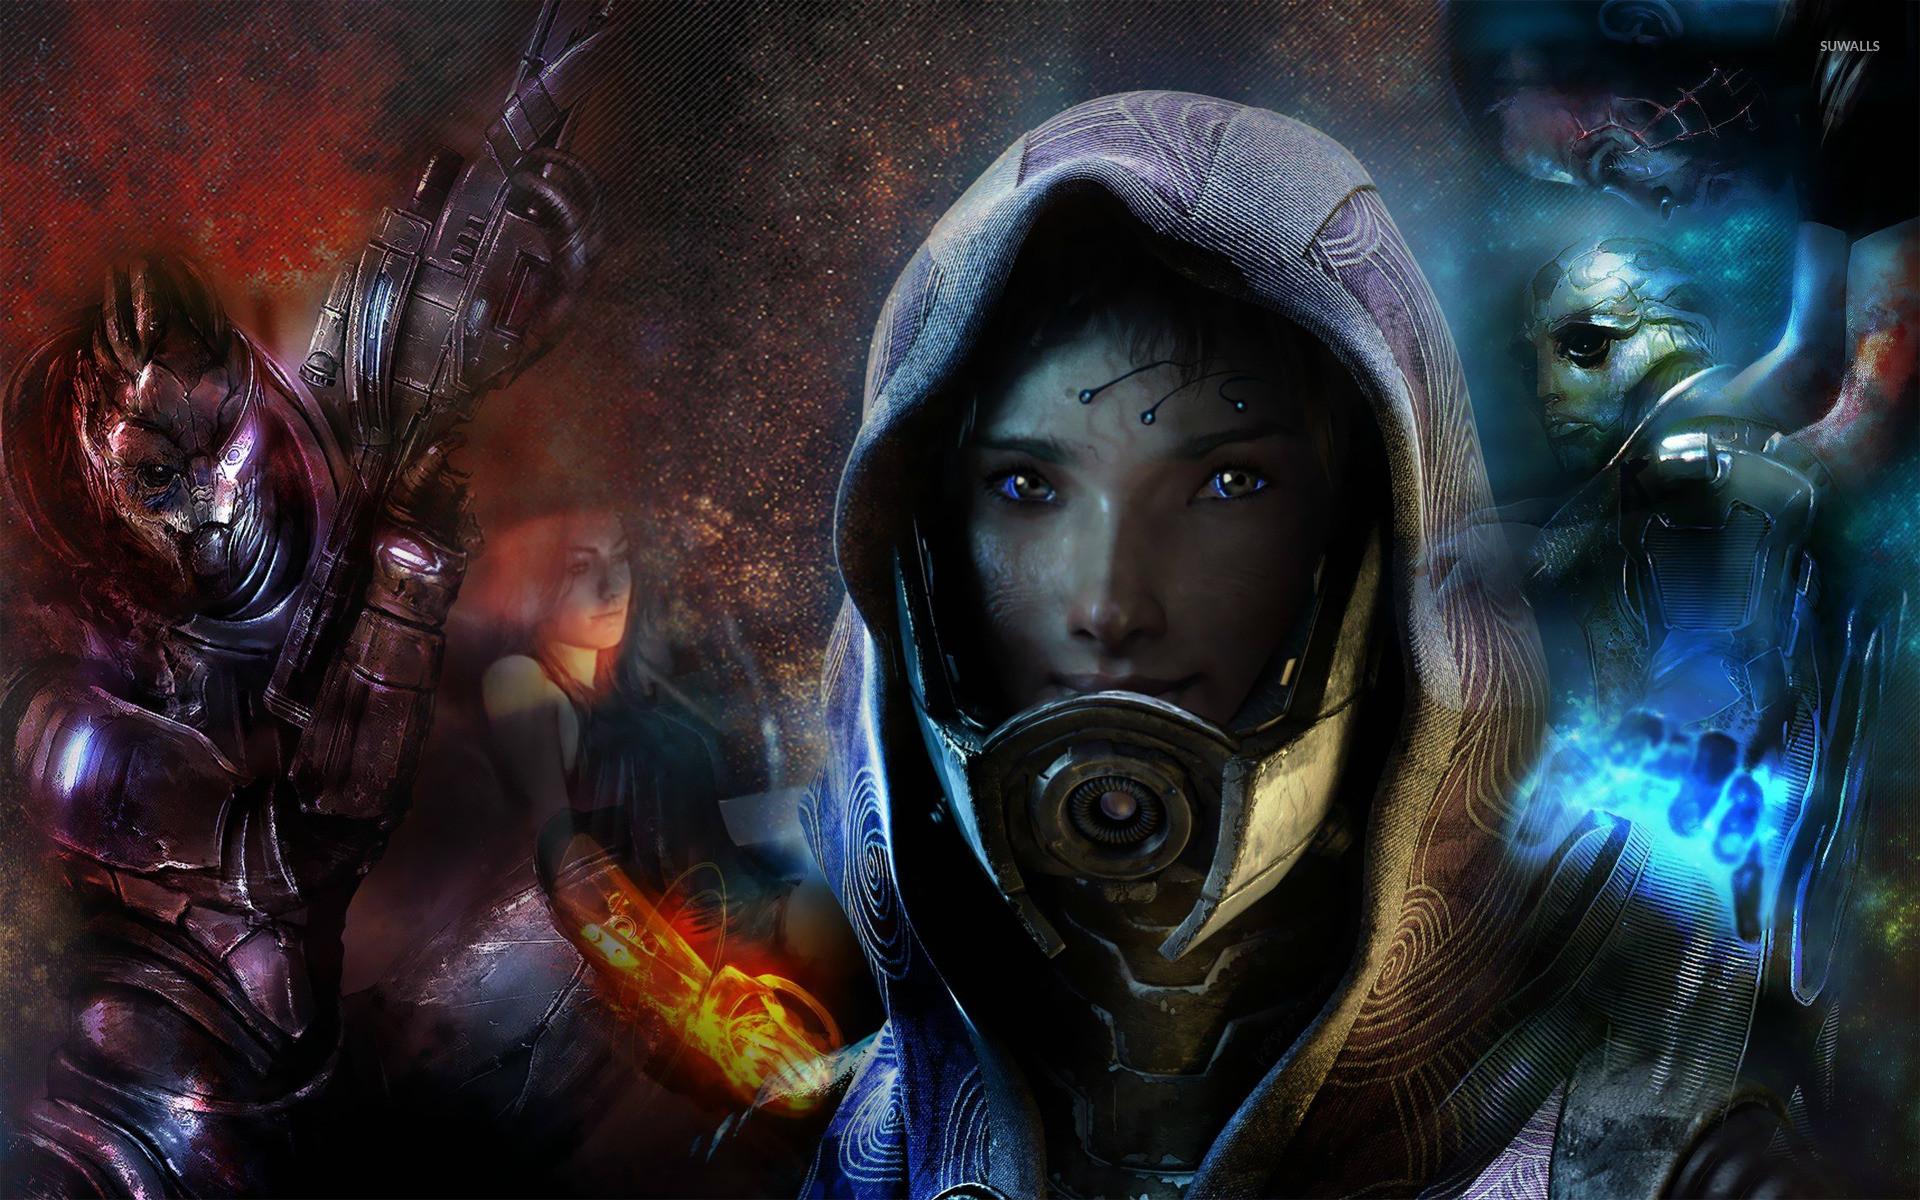 Tali – Mass Effect wallpaper